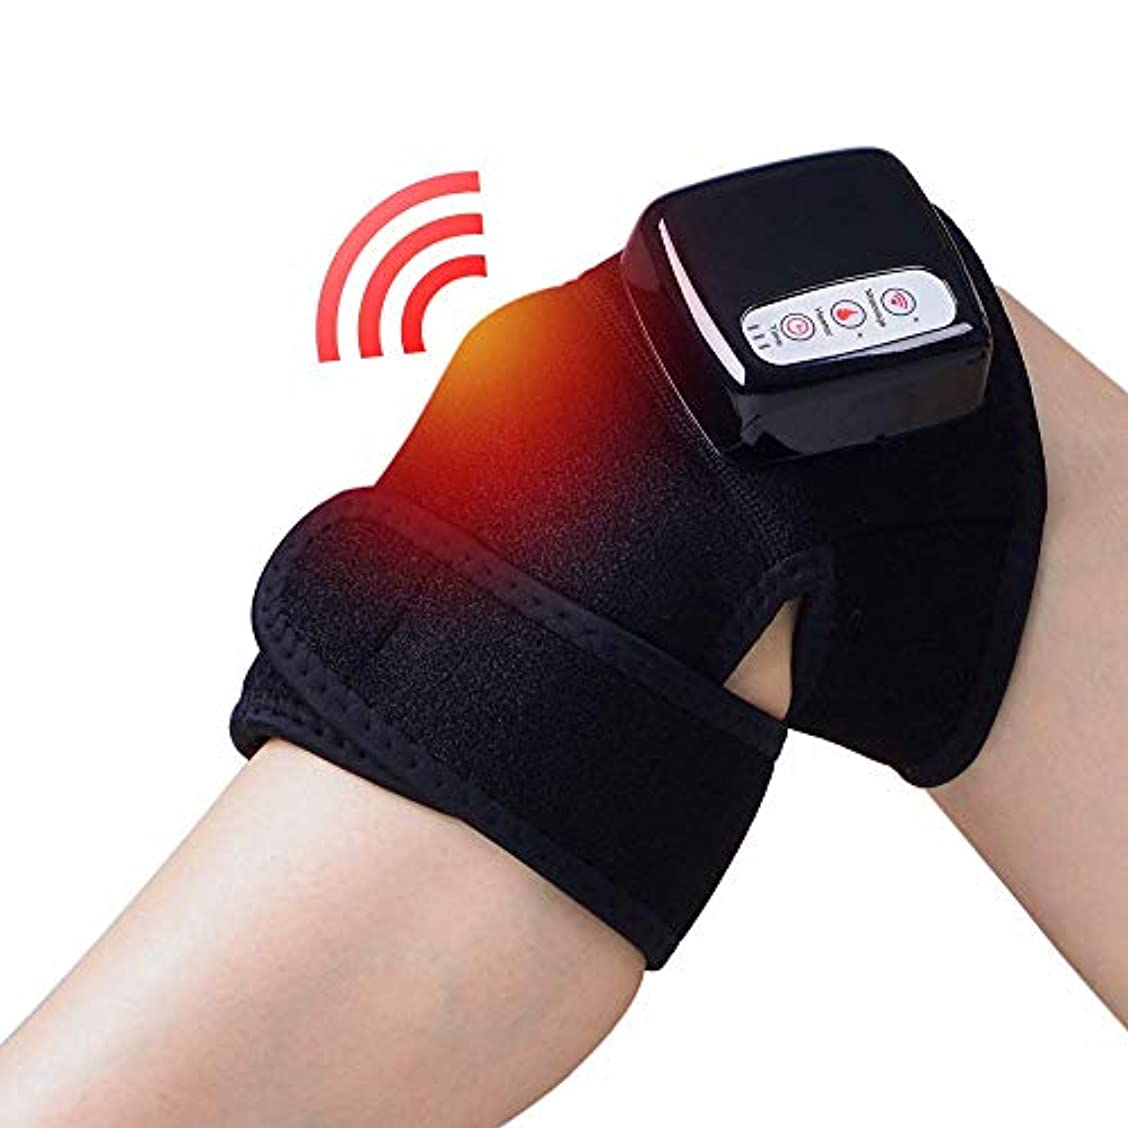 個人的な怠惰ストライクHOROLAS 膝関節加熱マッサージ マッサージ器 フットマッサージャー ひざ マッサージャー 振動 赤外線療法 温熱療法 膝サポーター ストレス解消 膝マット 太もも/腕対応 日本語説明書付き